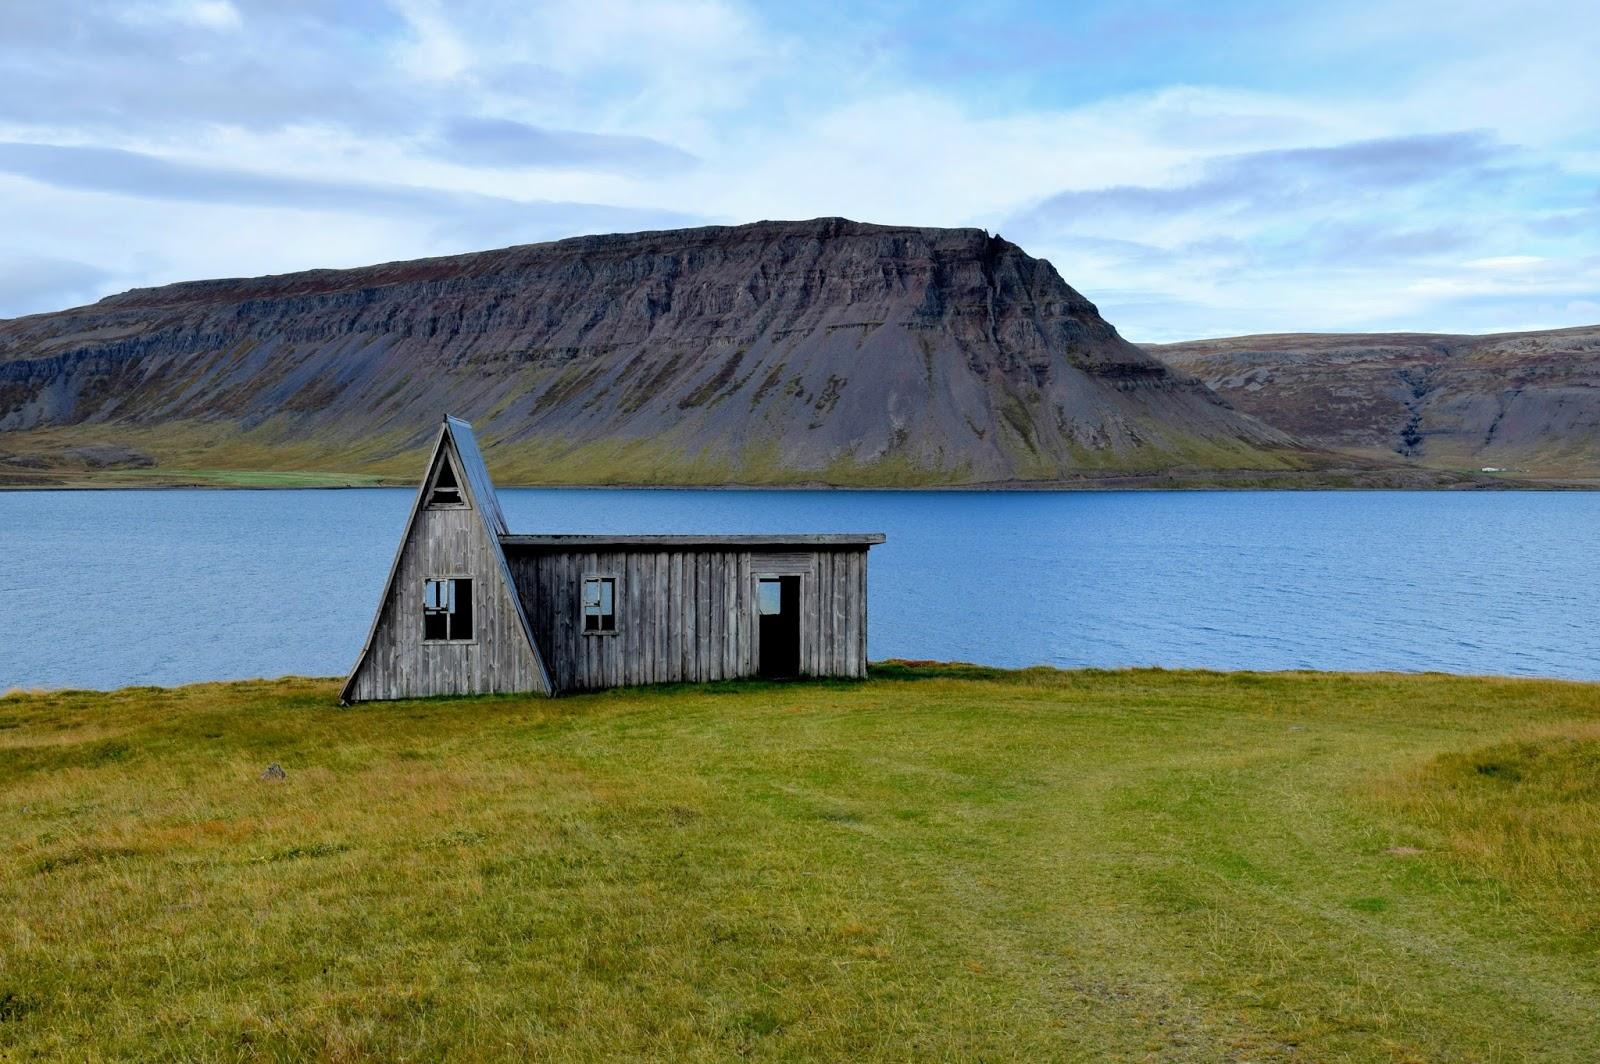 Random little sheep barn in the Westfjords